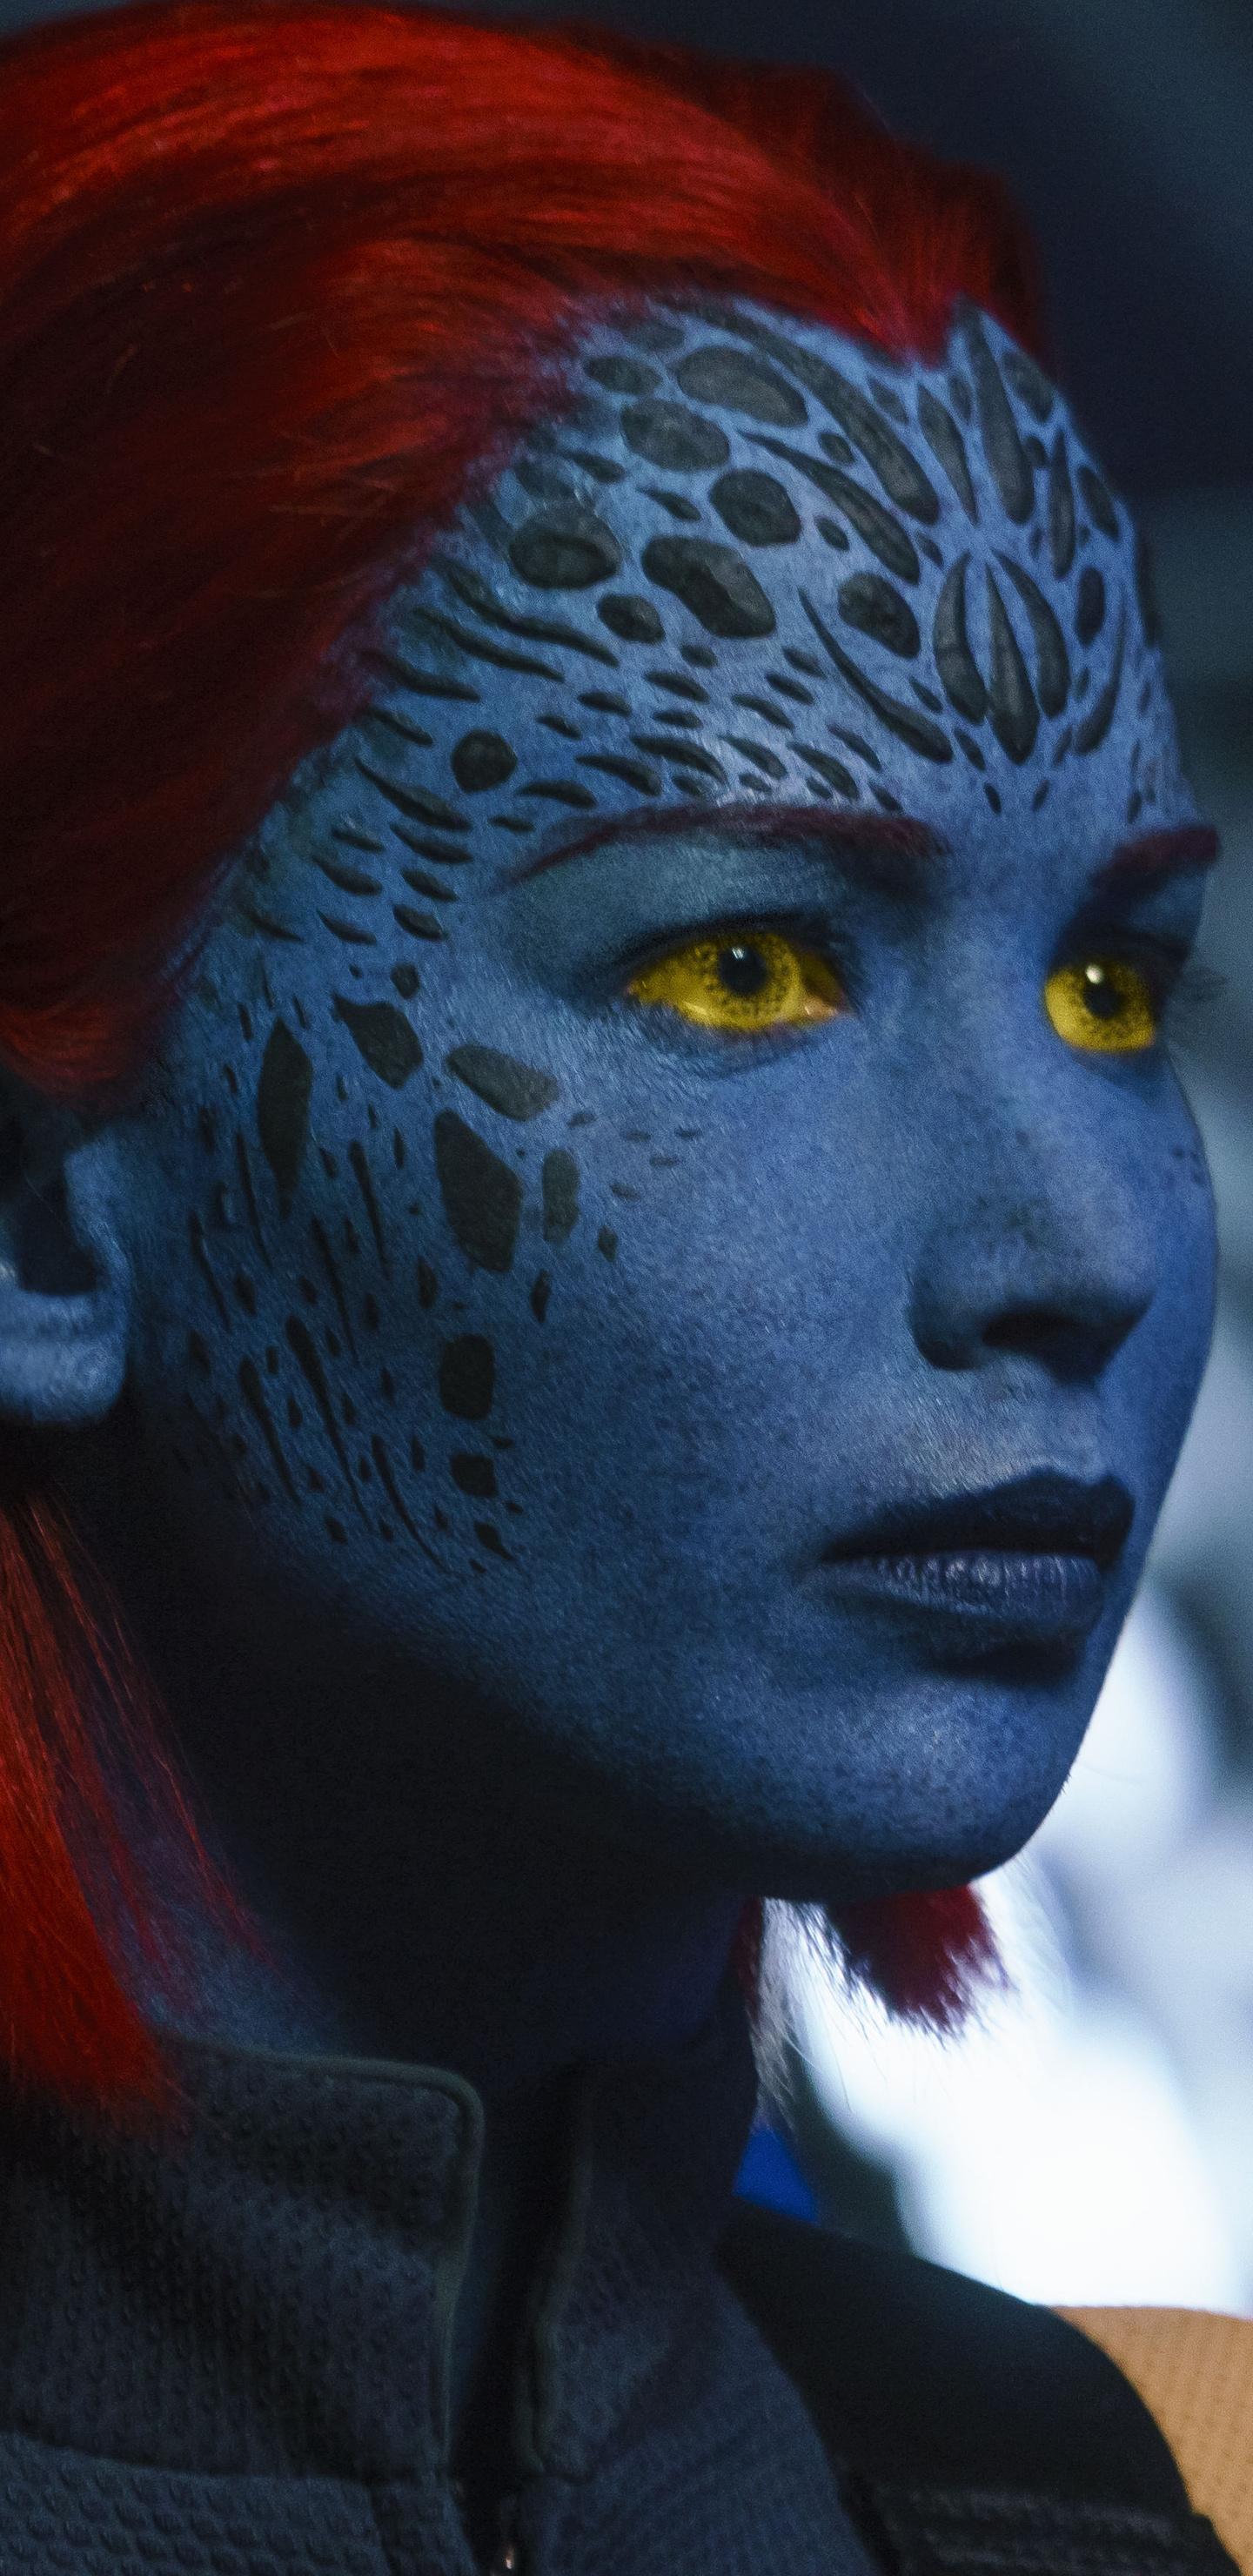 Jennifer mystique Jennifer Lawrence